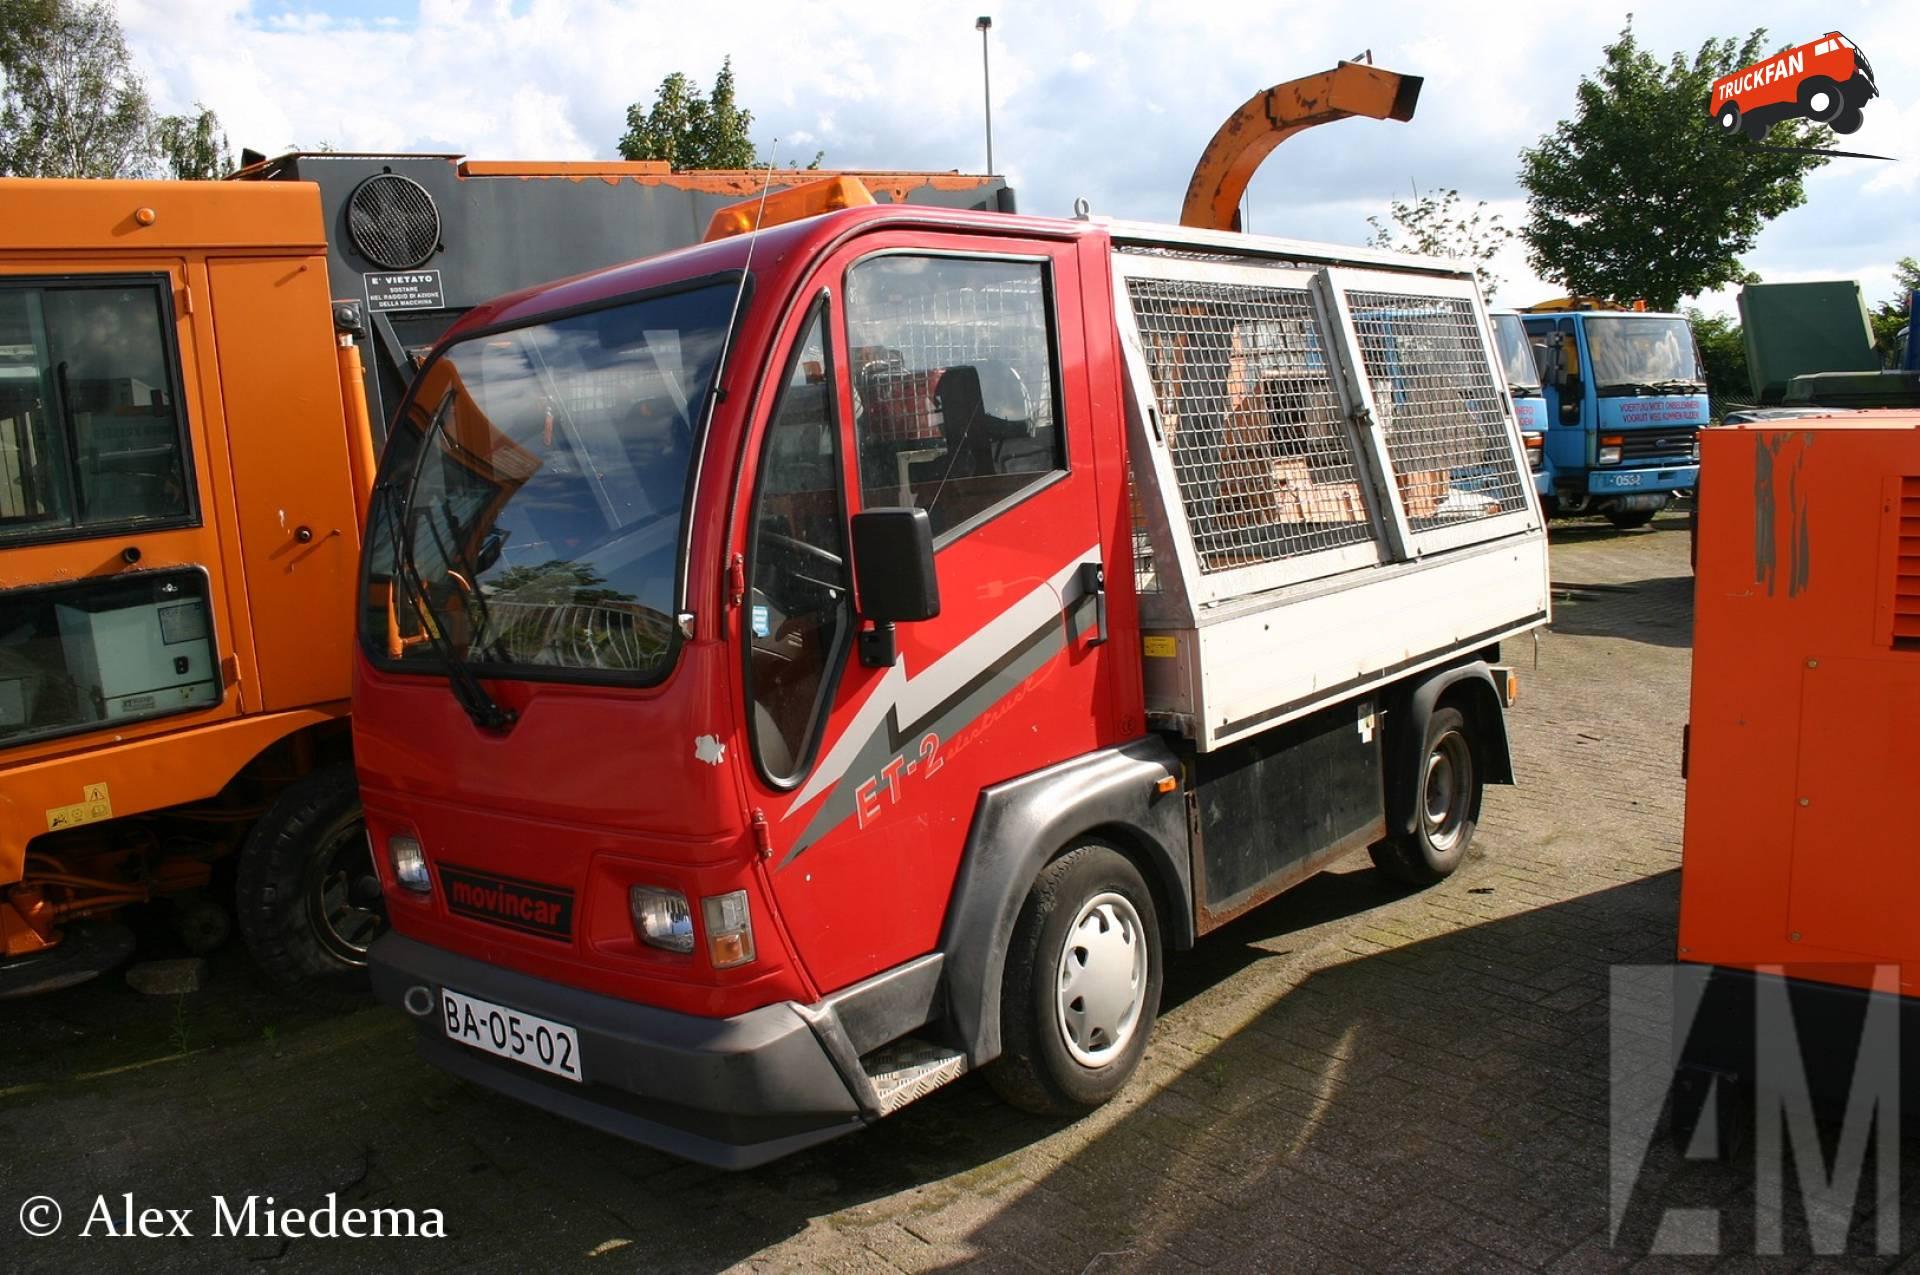 Movincar ET-2